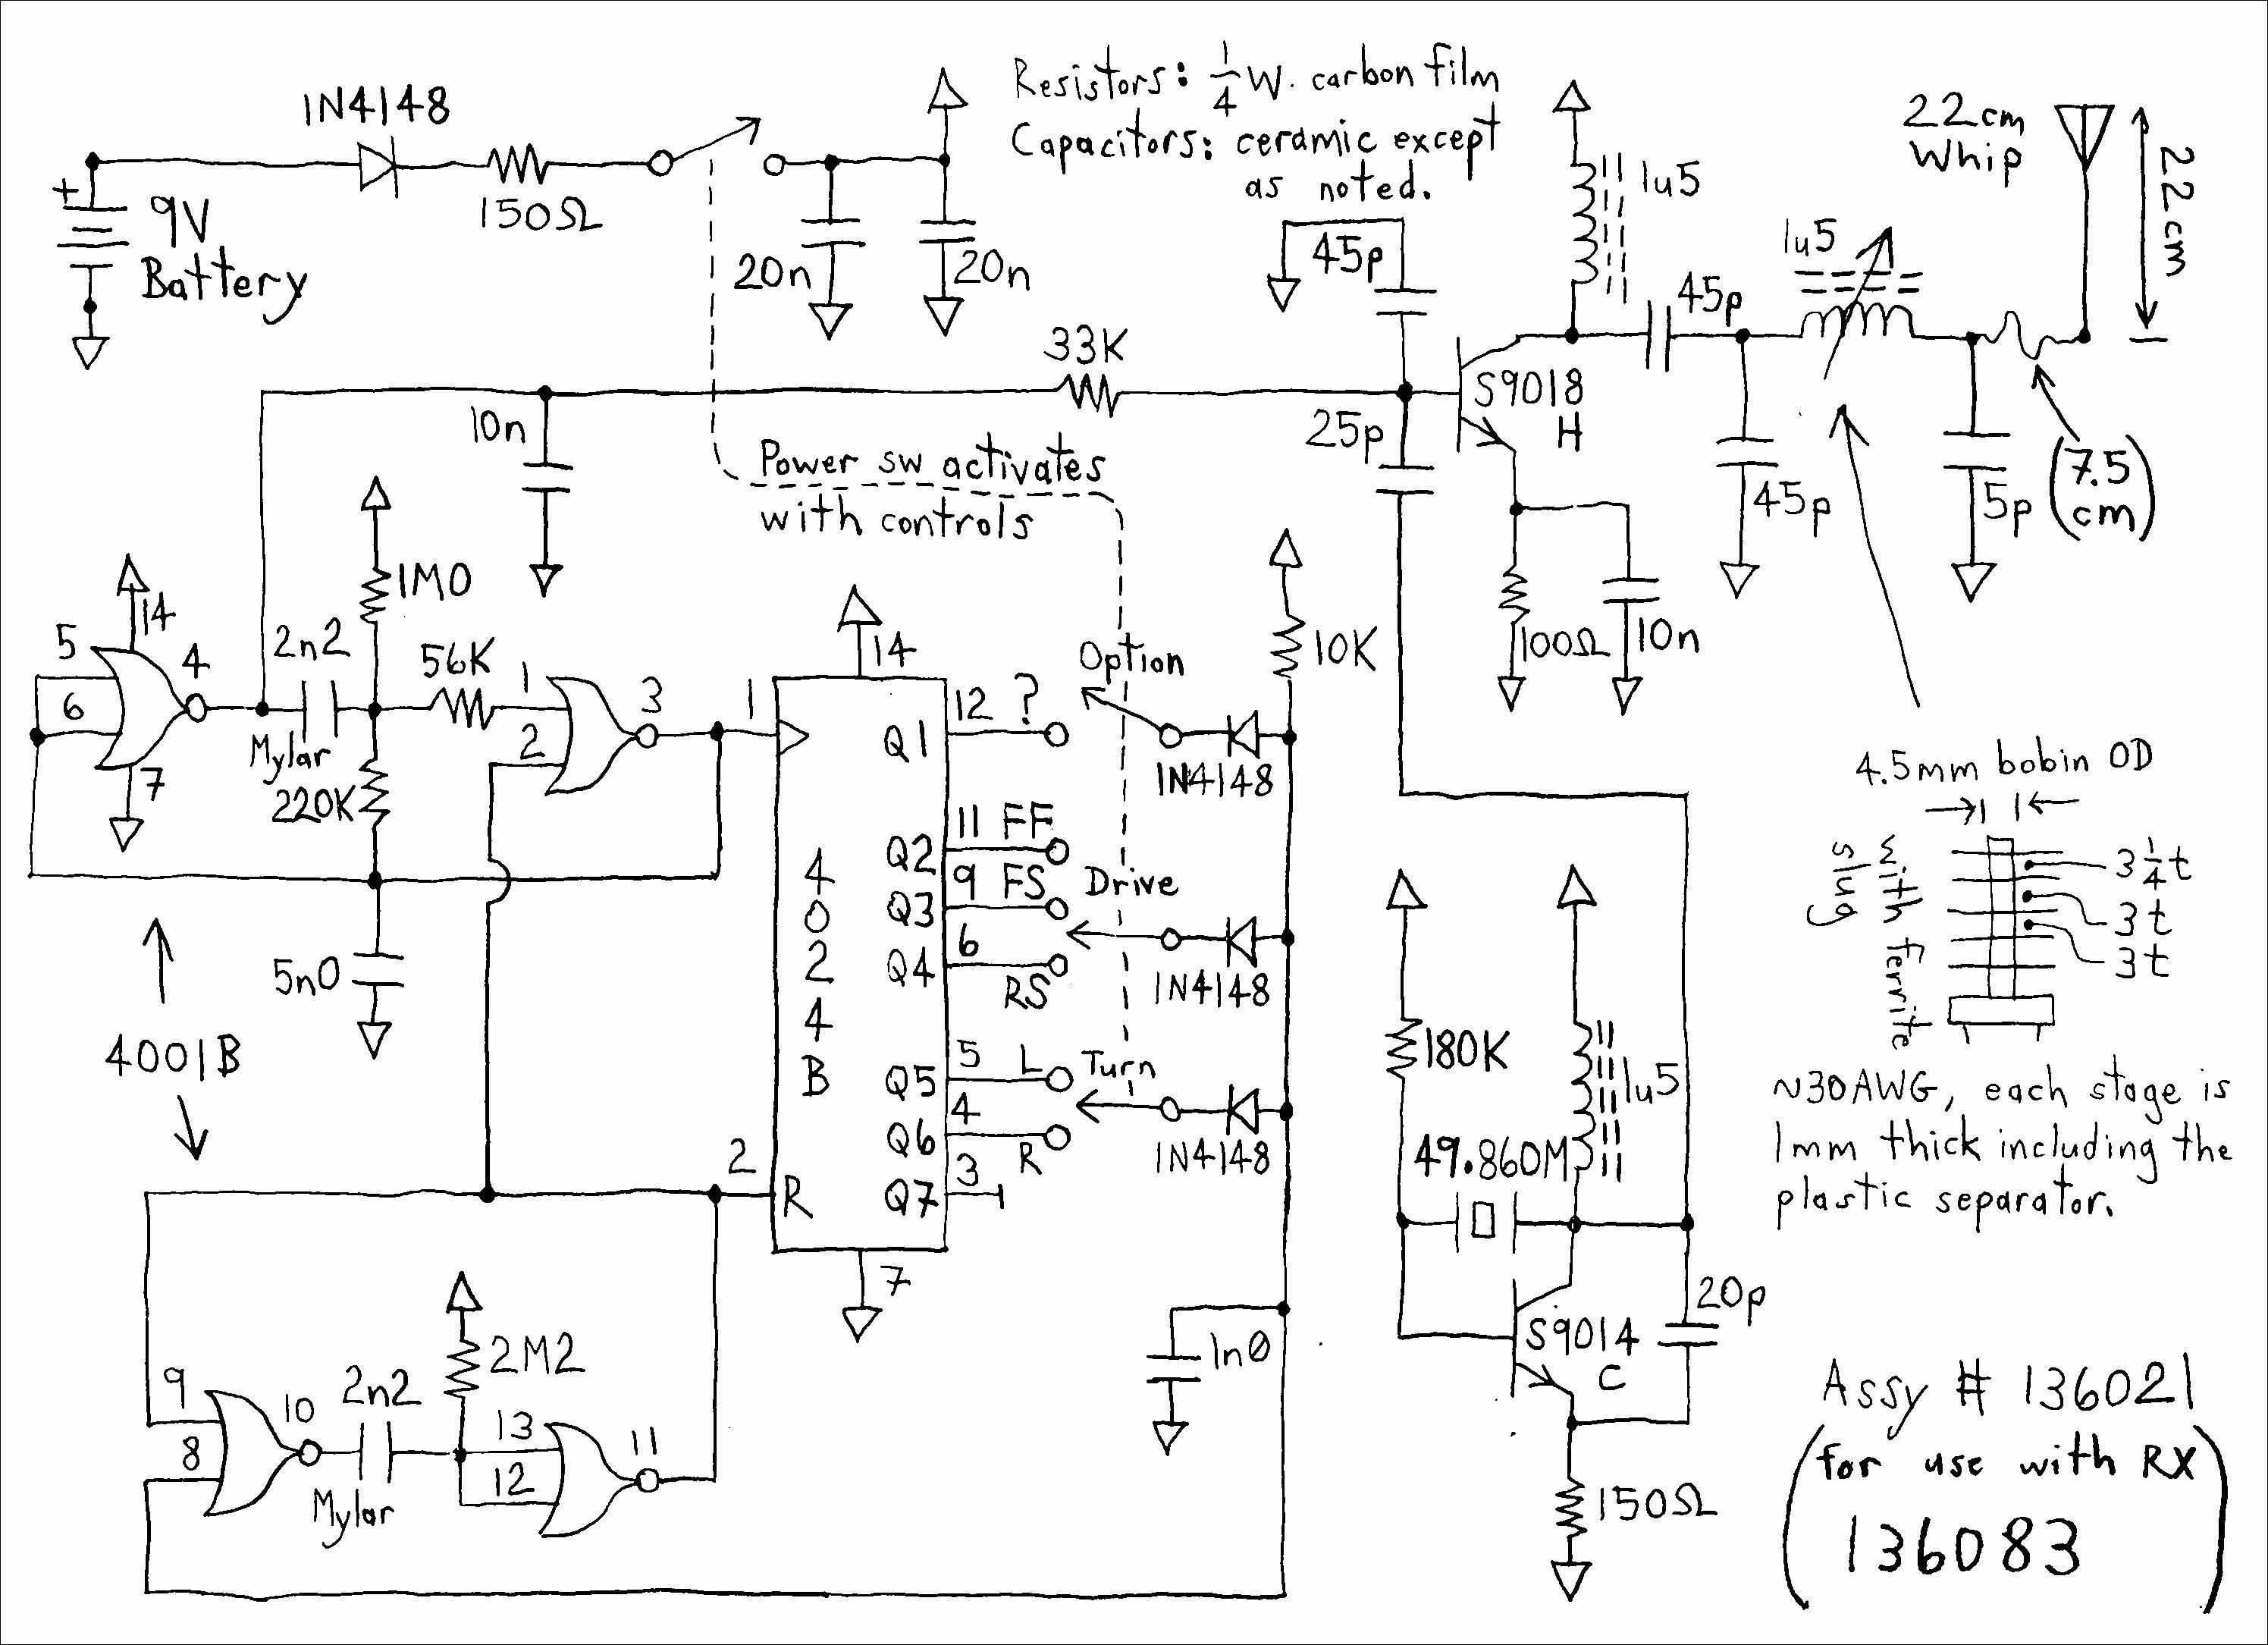 [SCHEMATICS_4US]  591 Remote Car Starter Wiring Diagram Viper 5101 Remote Start ... | Wiring  Library | Viper 5101 Wiring Diagram |  | Wiring Library